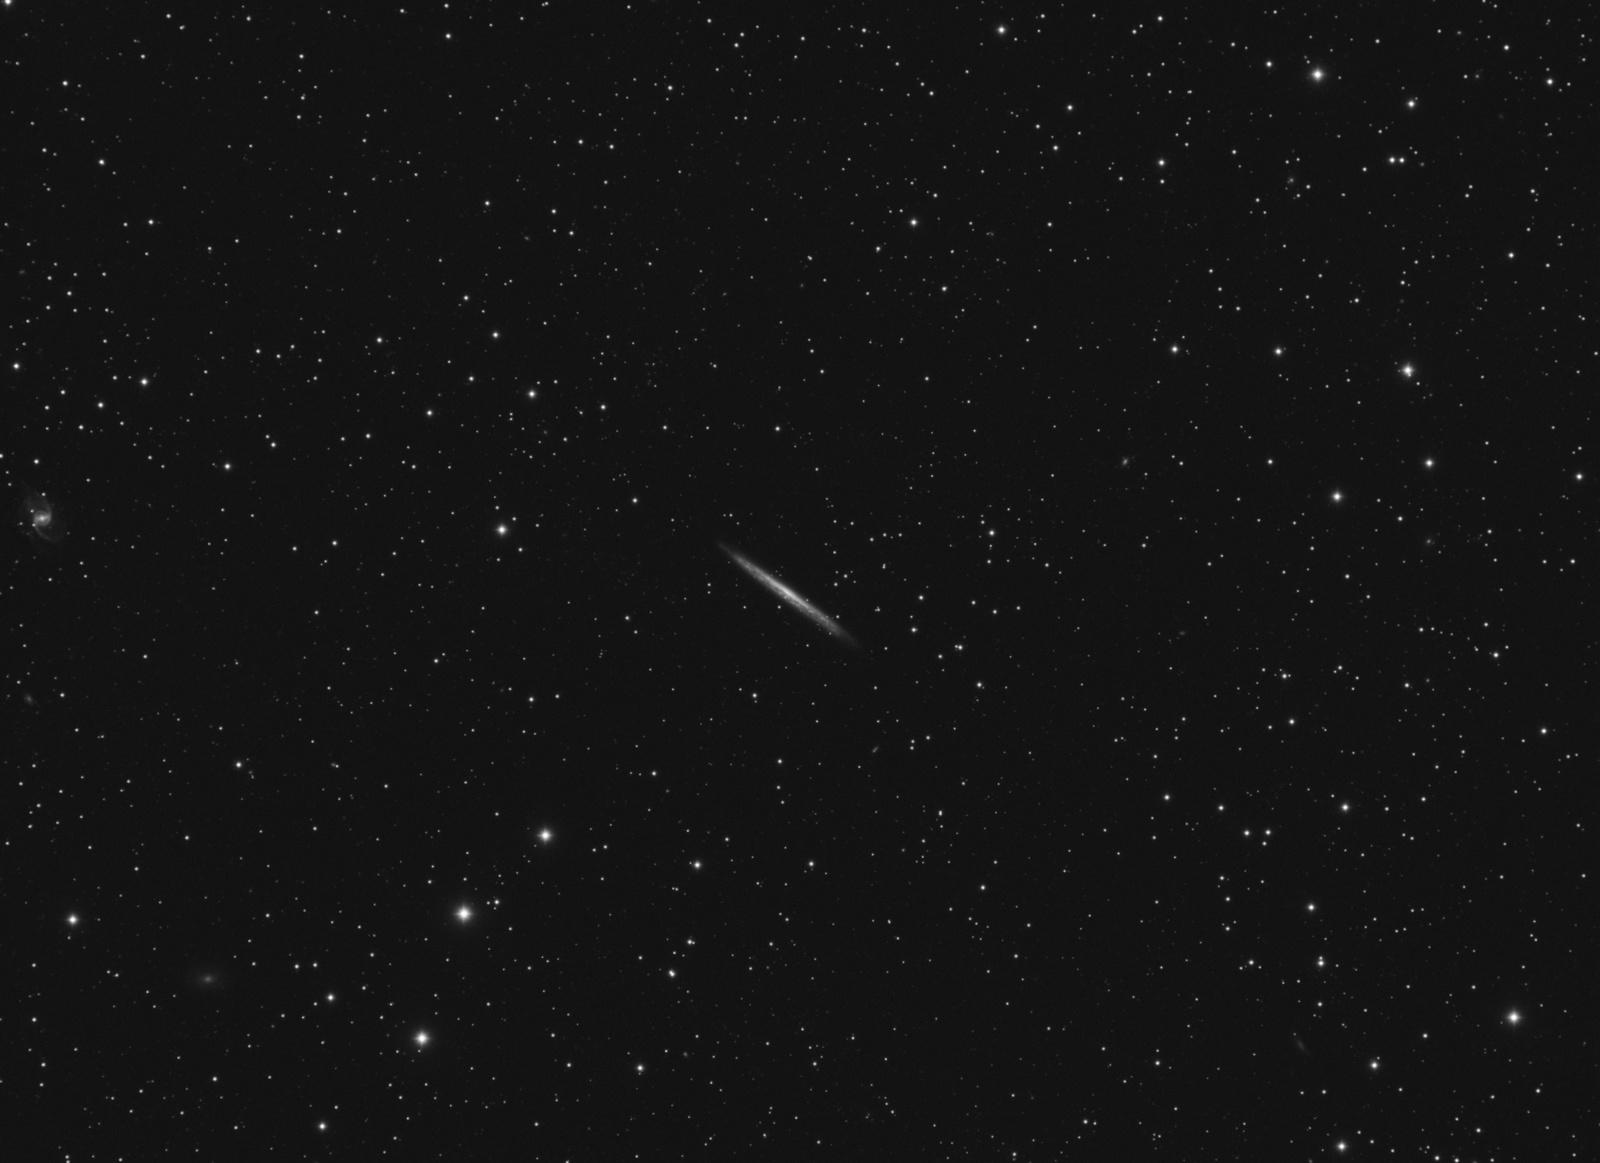 02-NGC5907.thumb.jpg.917b8cb2a78f66c19e8264207d03dd03.jpg